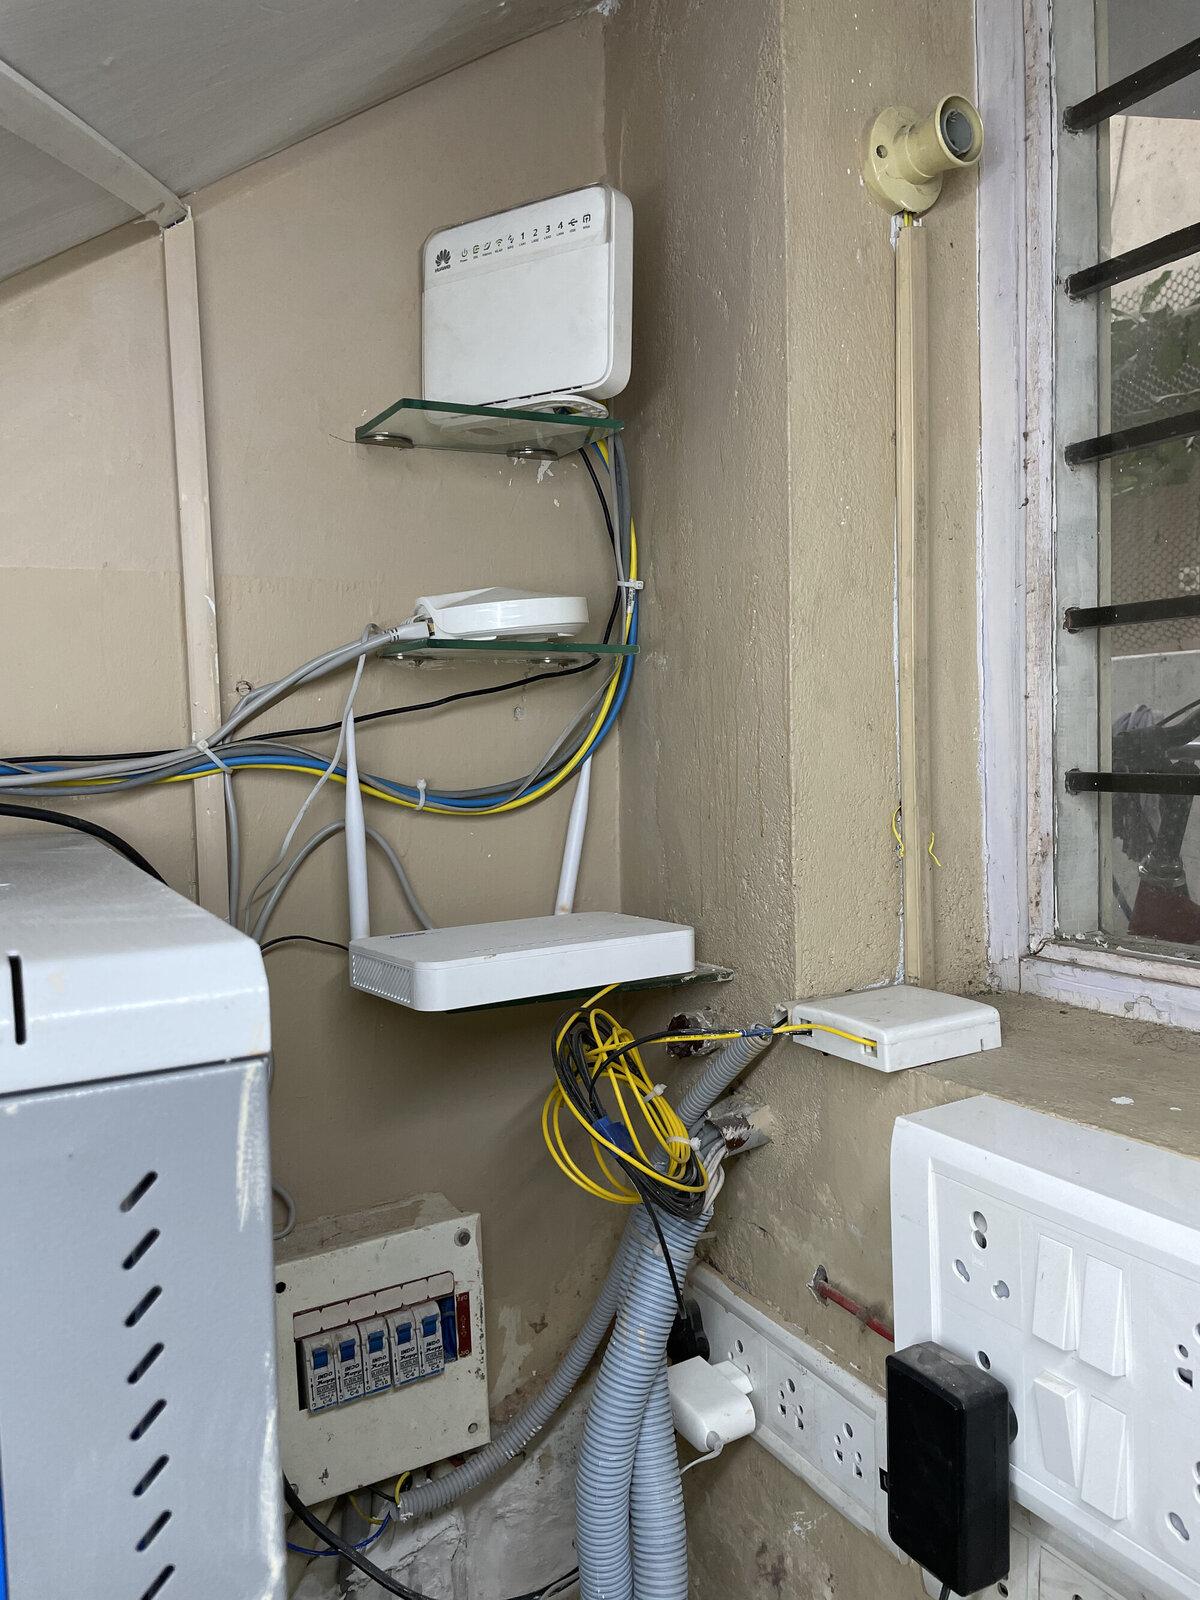 Hathway Modem/Router, Airtel Modem/Router, TP-Link Deco Router/Base